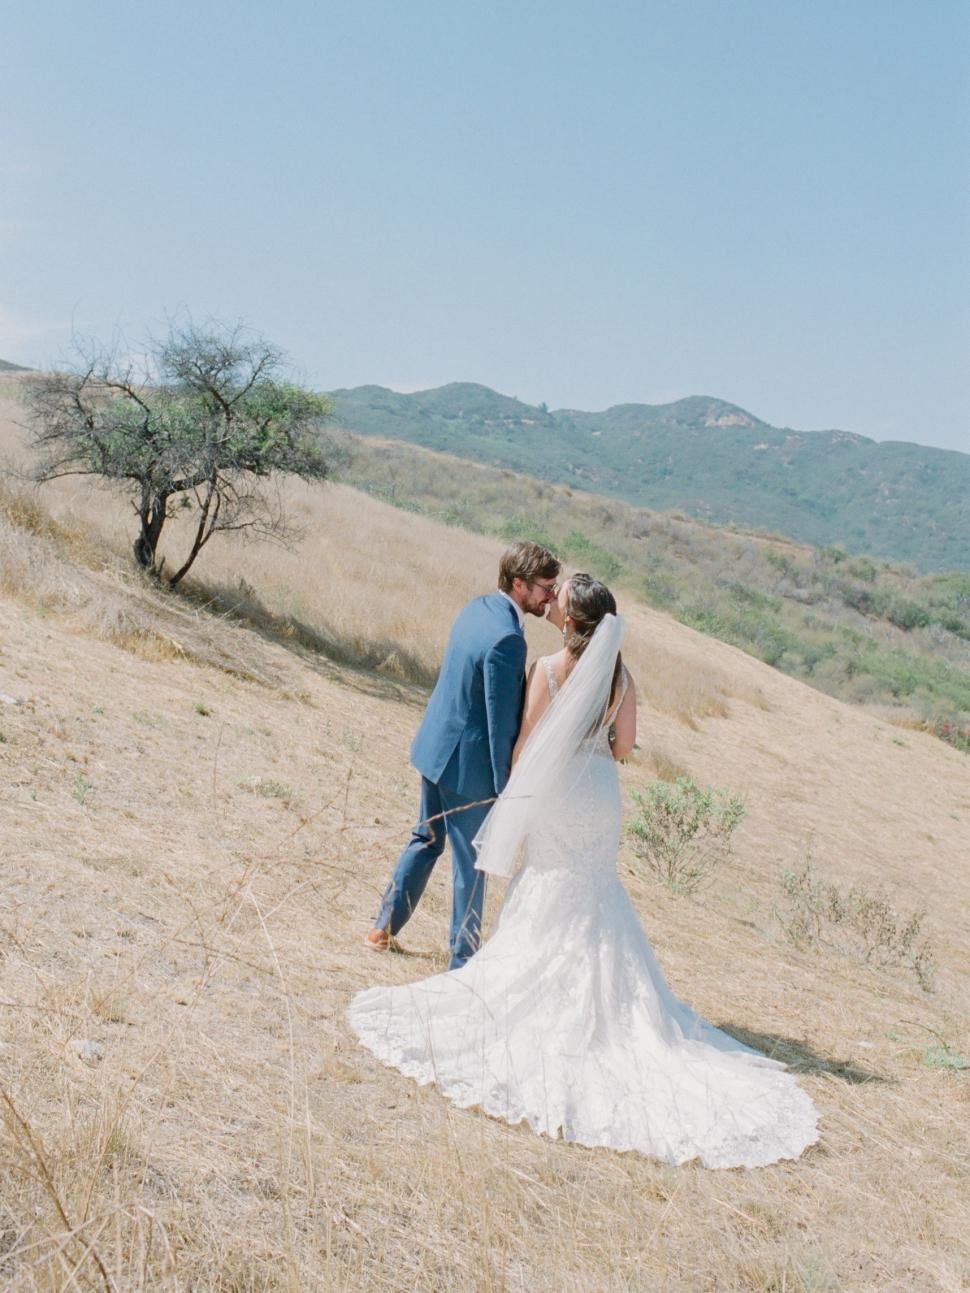 Malibu-Wedding-Photographer-Cassi-Claire-Malibu-West-Beach-Club-Wedding_01a.jpg